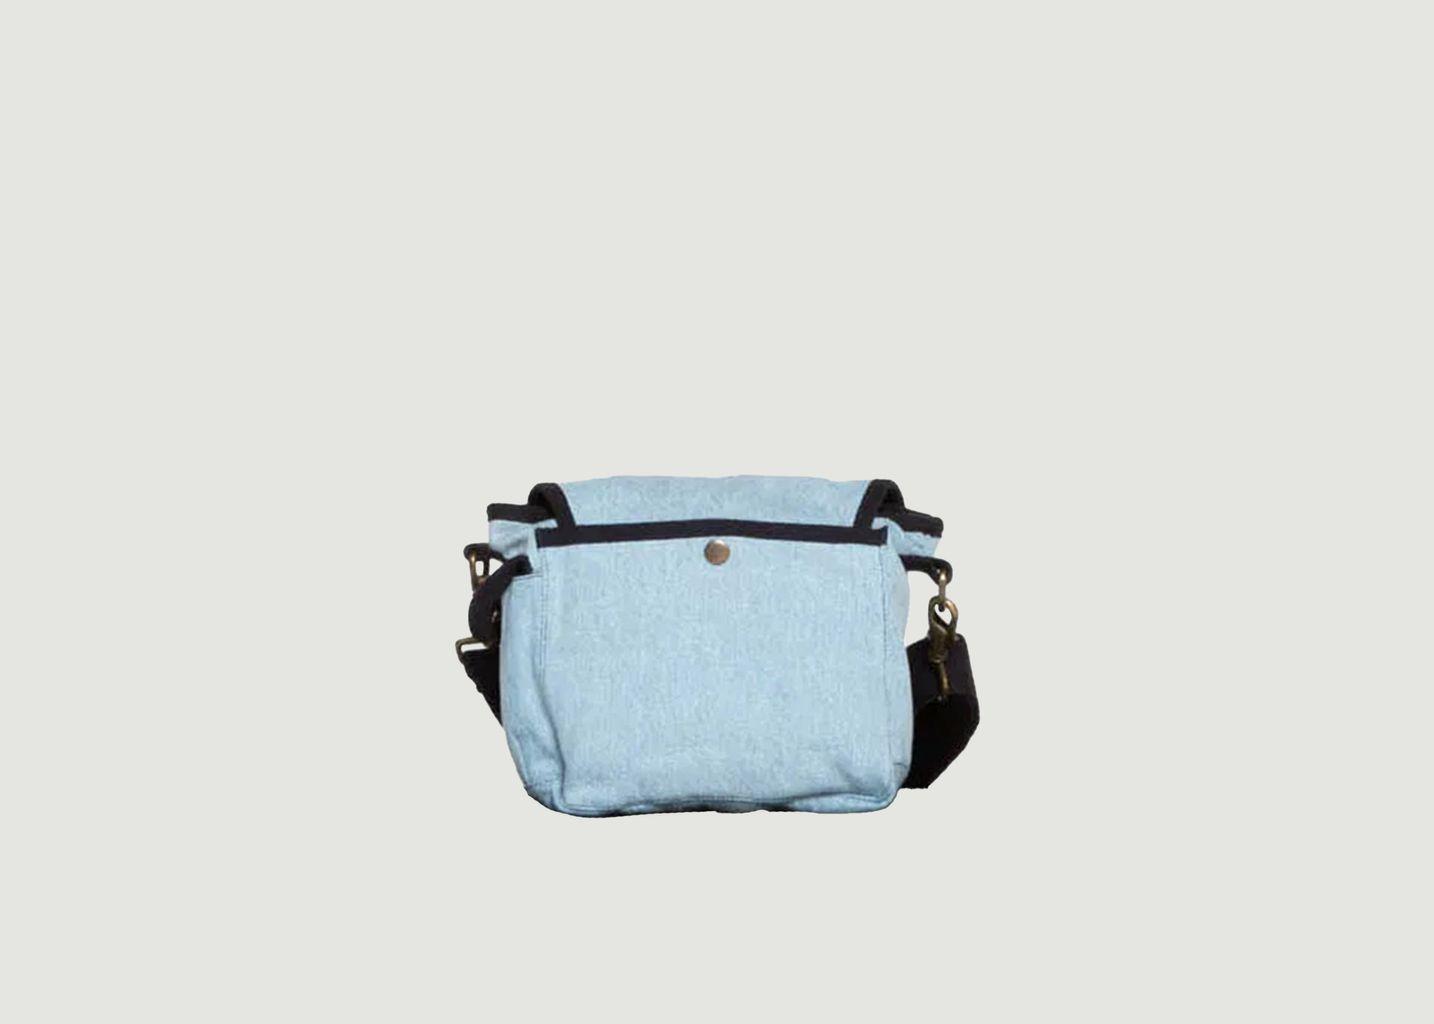 Petit sac en toile denim used - SAC US